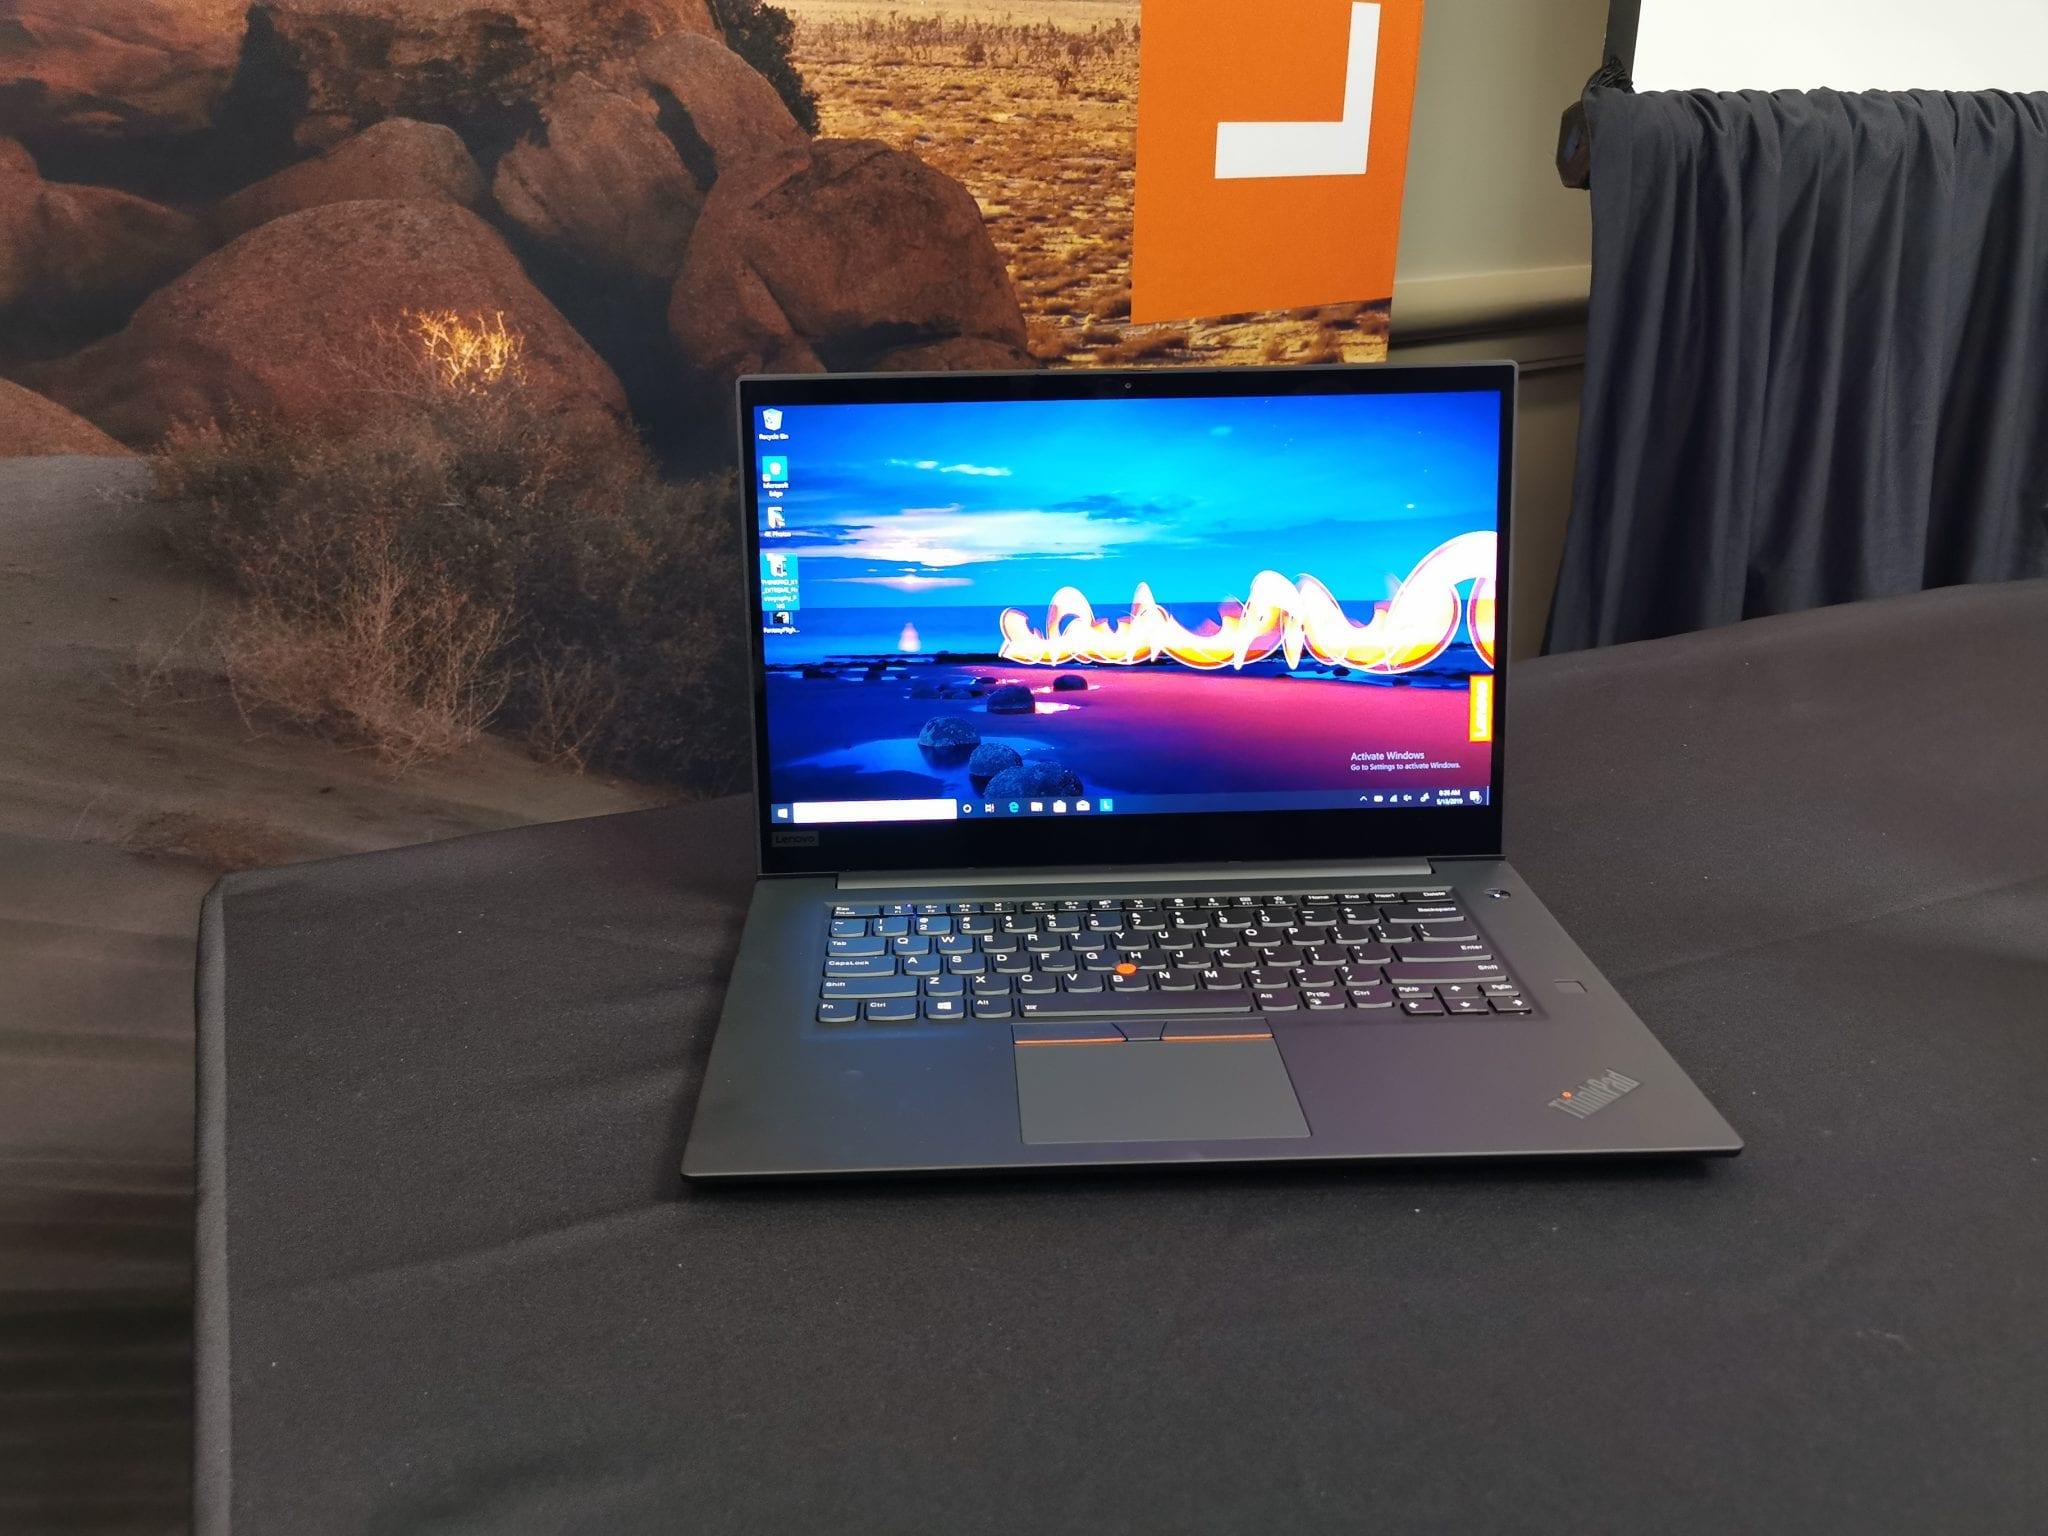 Lenovo Thinkpad X1 Extreme de generație nouă: ecran OLED 4K tactil, procesoare Intel noi, stocare de 4 TB pe SSD